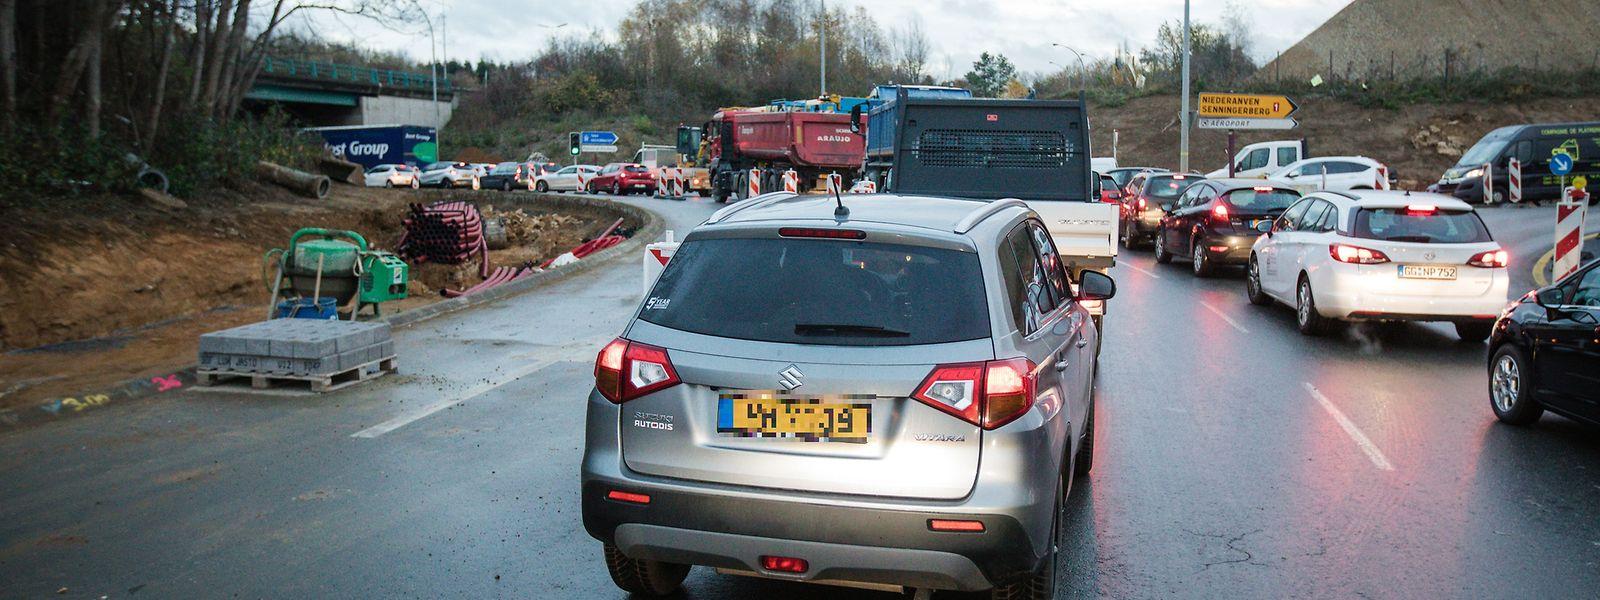 Blockierte Ausfahrten gelten als Hauptgrund für den Stillstand im Kreisel.